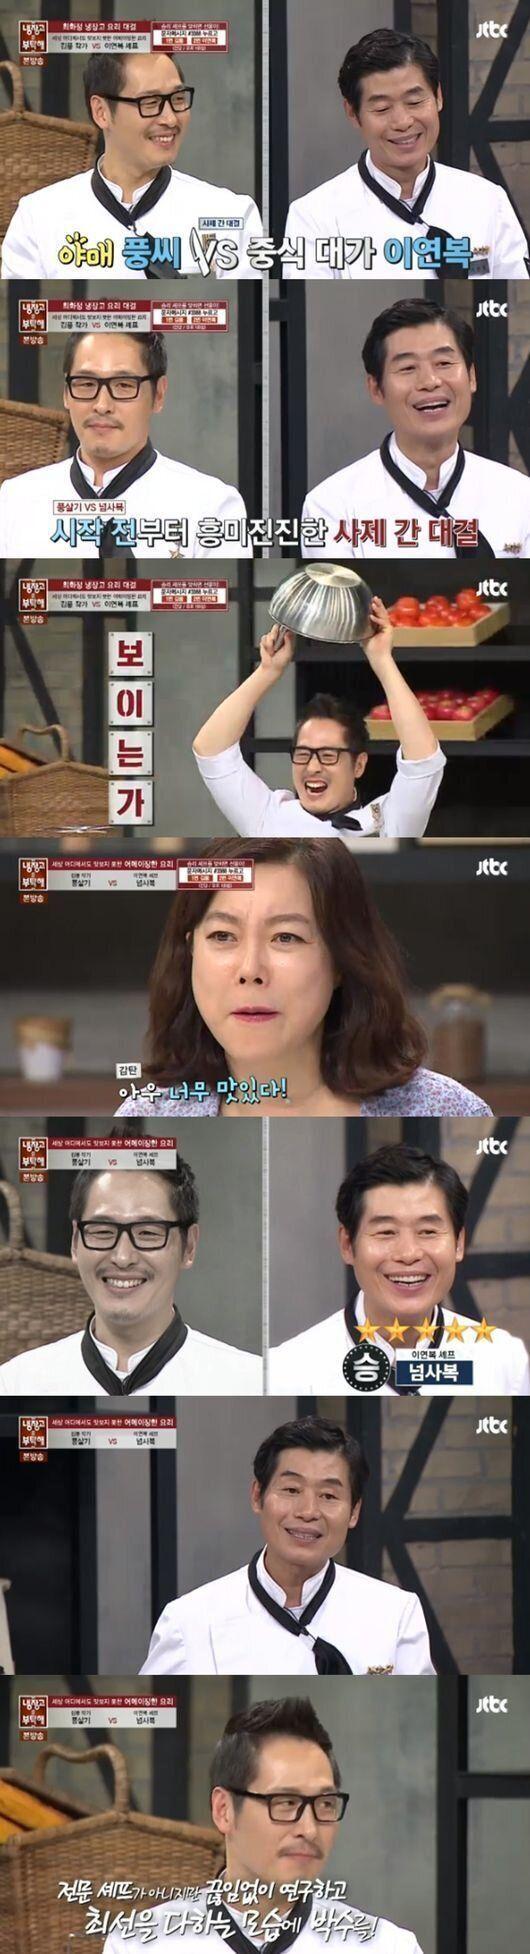 [어저께TV] '냉장고' 이연복·김풍, 역시 그 스승에 그